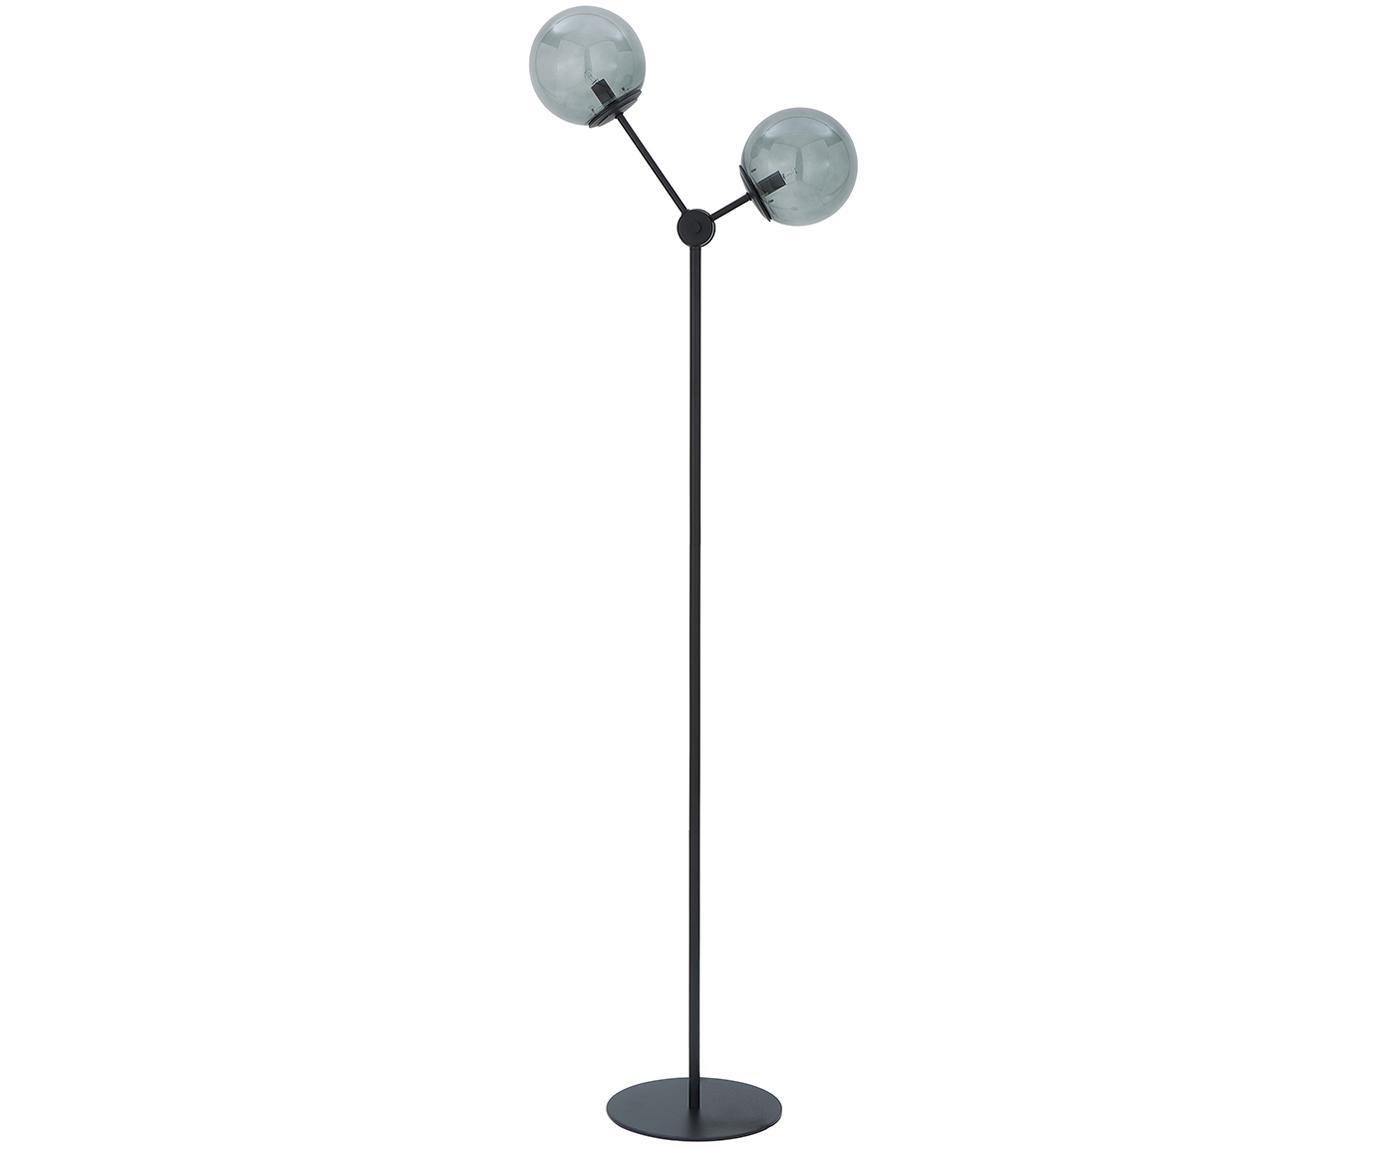 Vloerlamp Aurelia in zwart, Lampvoet: gepoedercoat metaal, Zwart, grijs, Ø 25 x H 155 cm